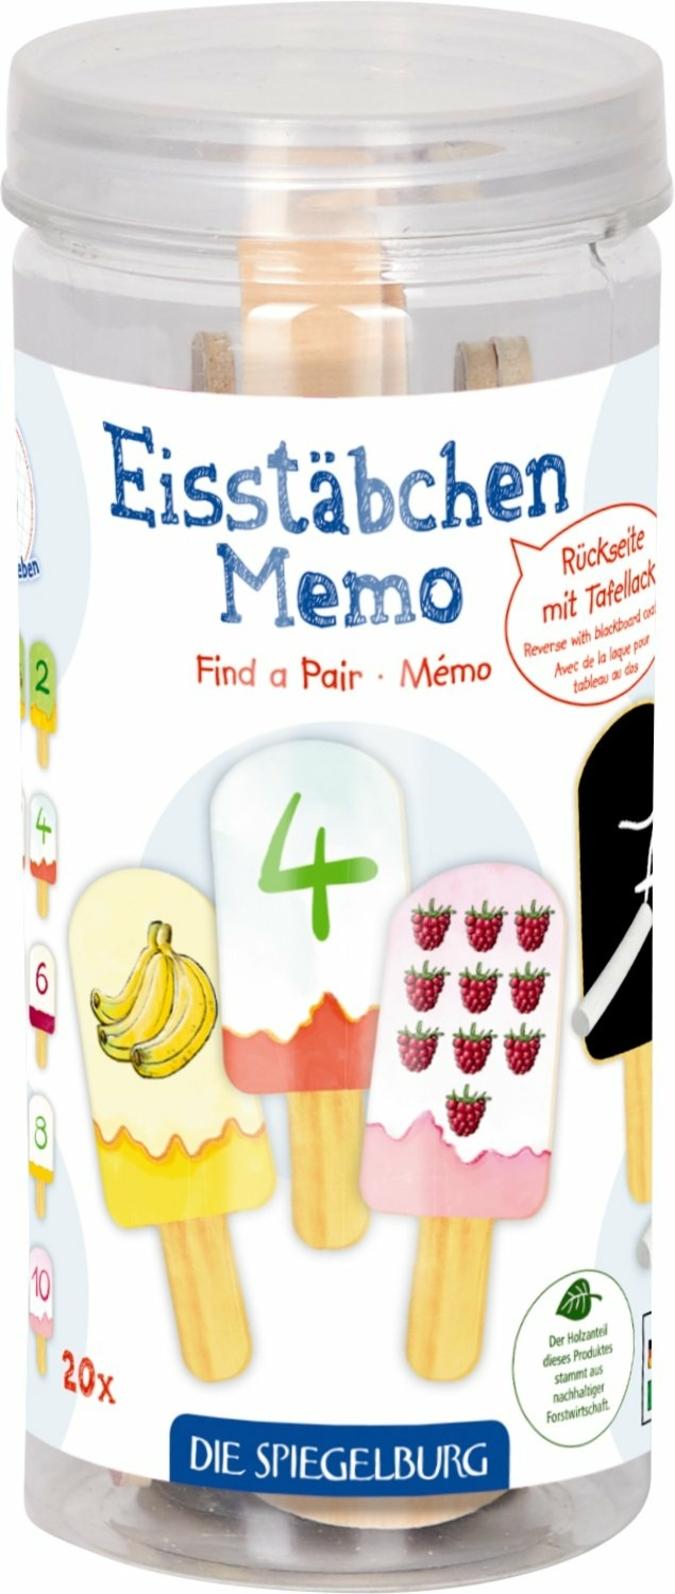 Coppenrath-Eisstaebchen-Memo.jpg